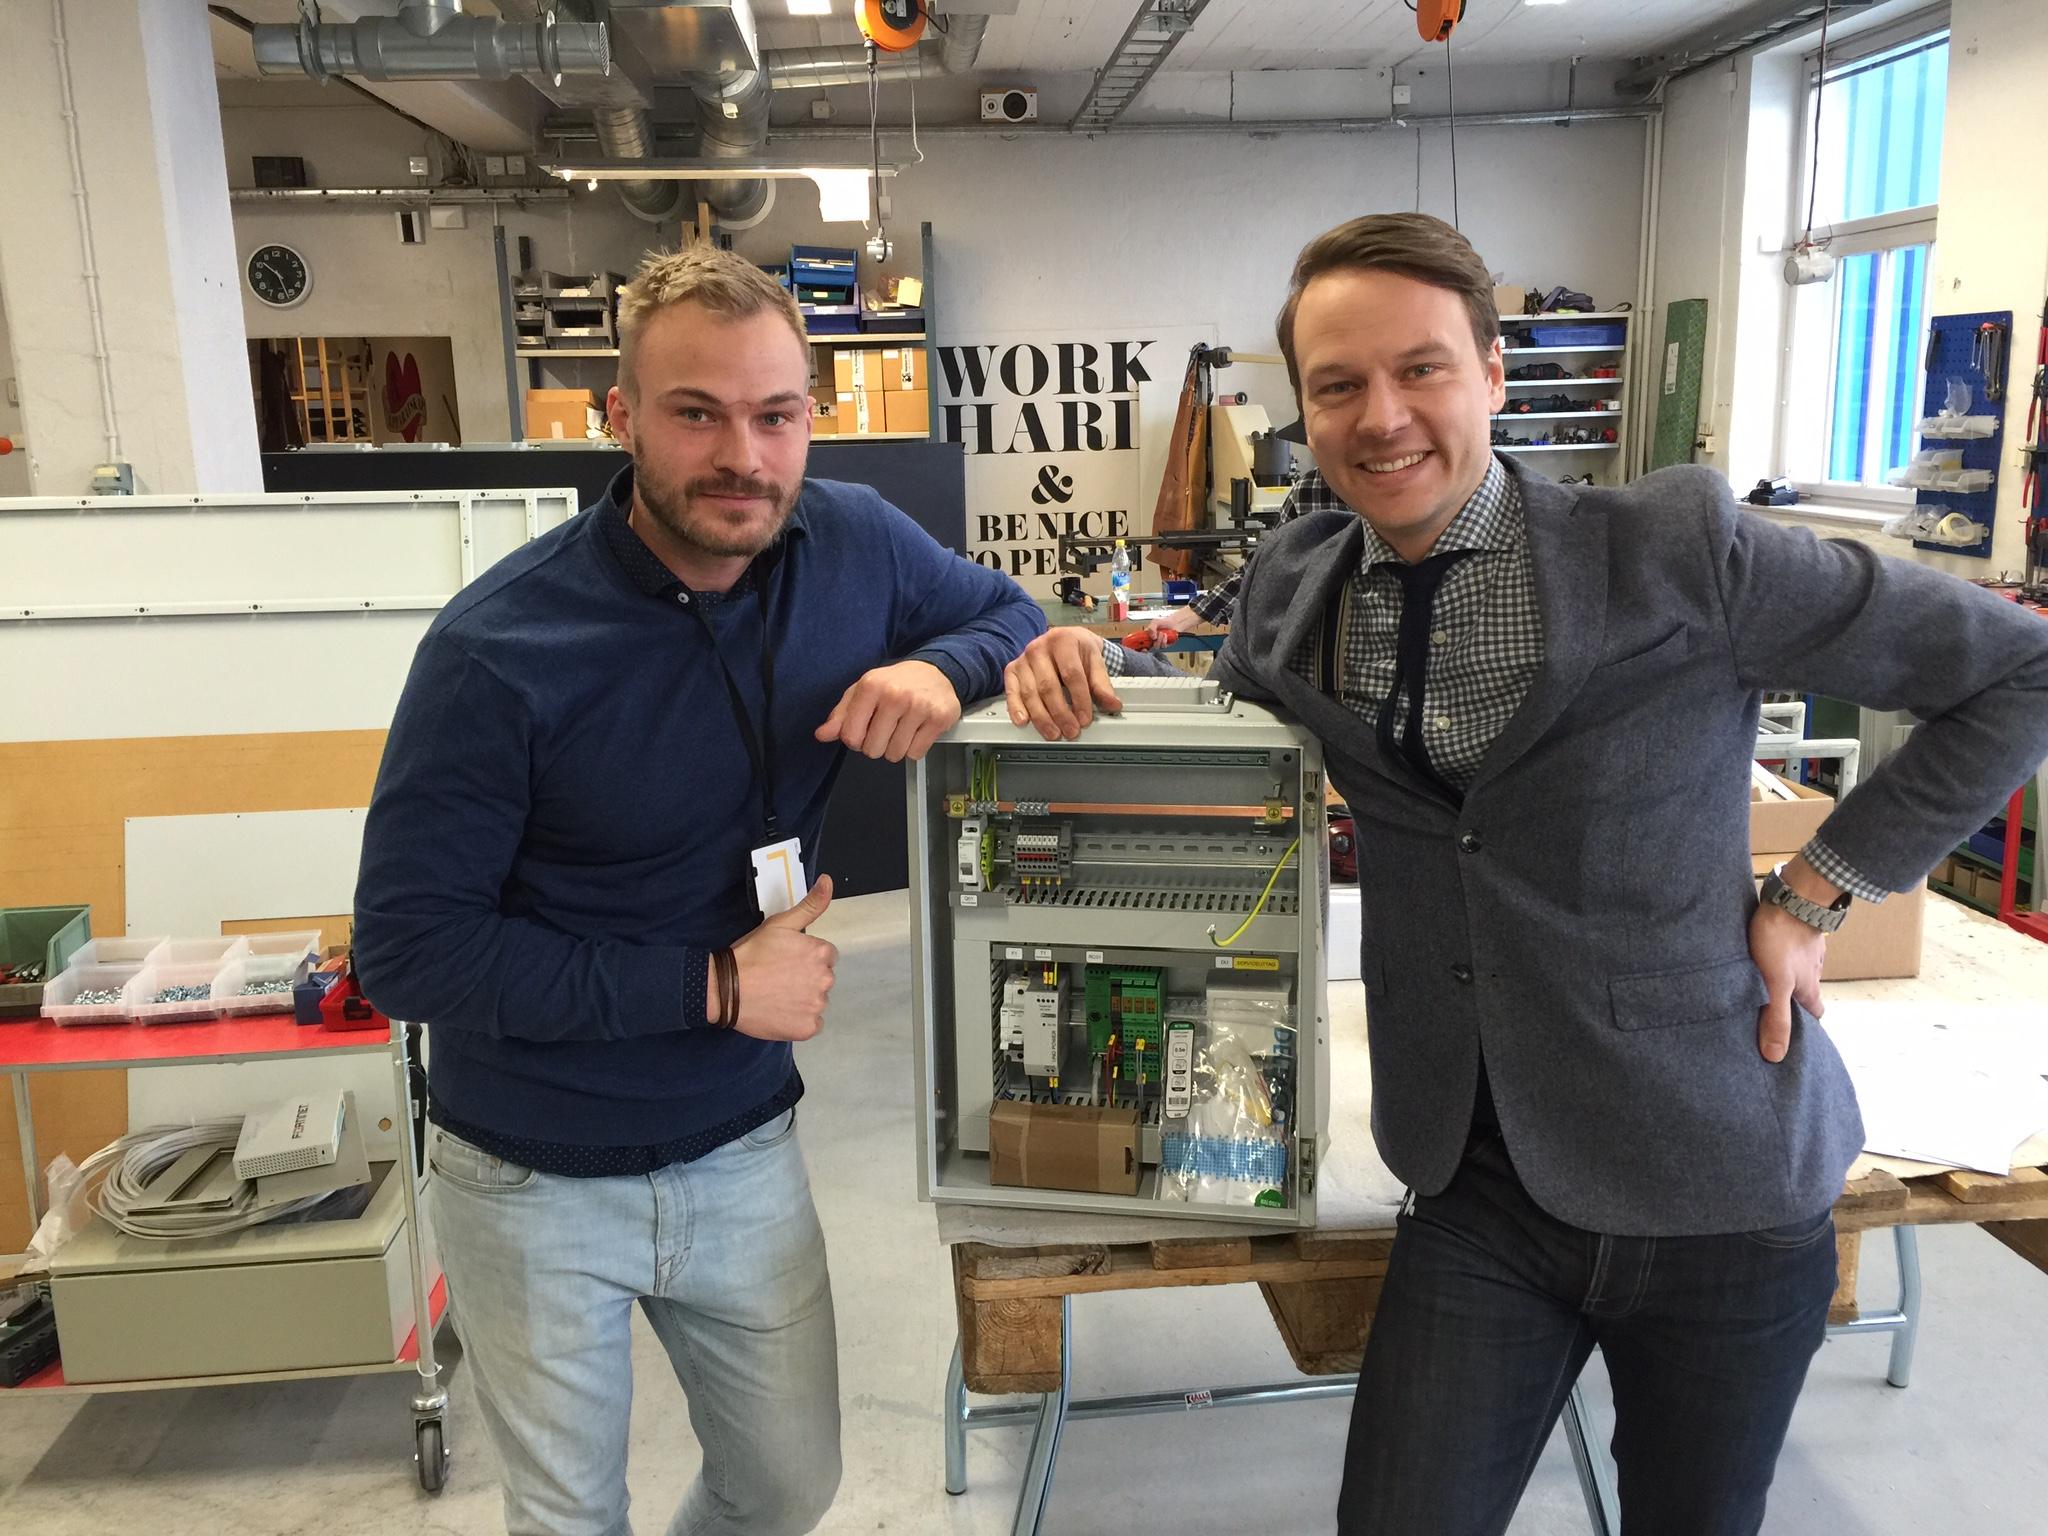 På bilden syns Eric Carlsson(E-matic) och Joakim Bengtsson(e3 Control) tillsammans med det första tillverkade skåpet åt kunden Stockholmshem